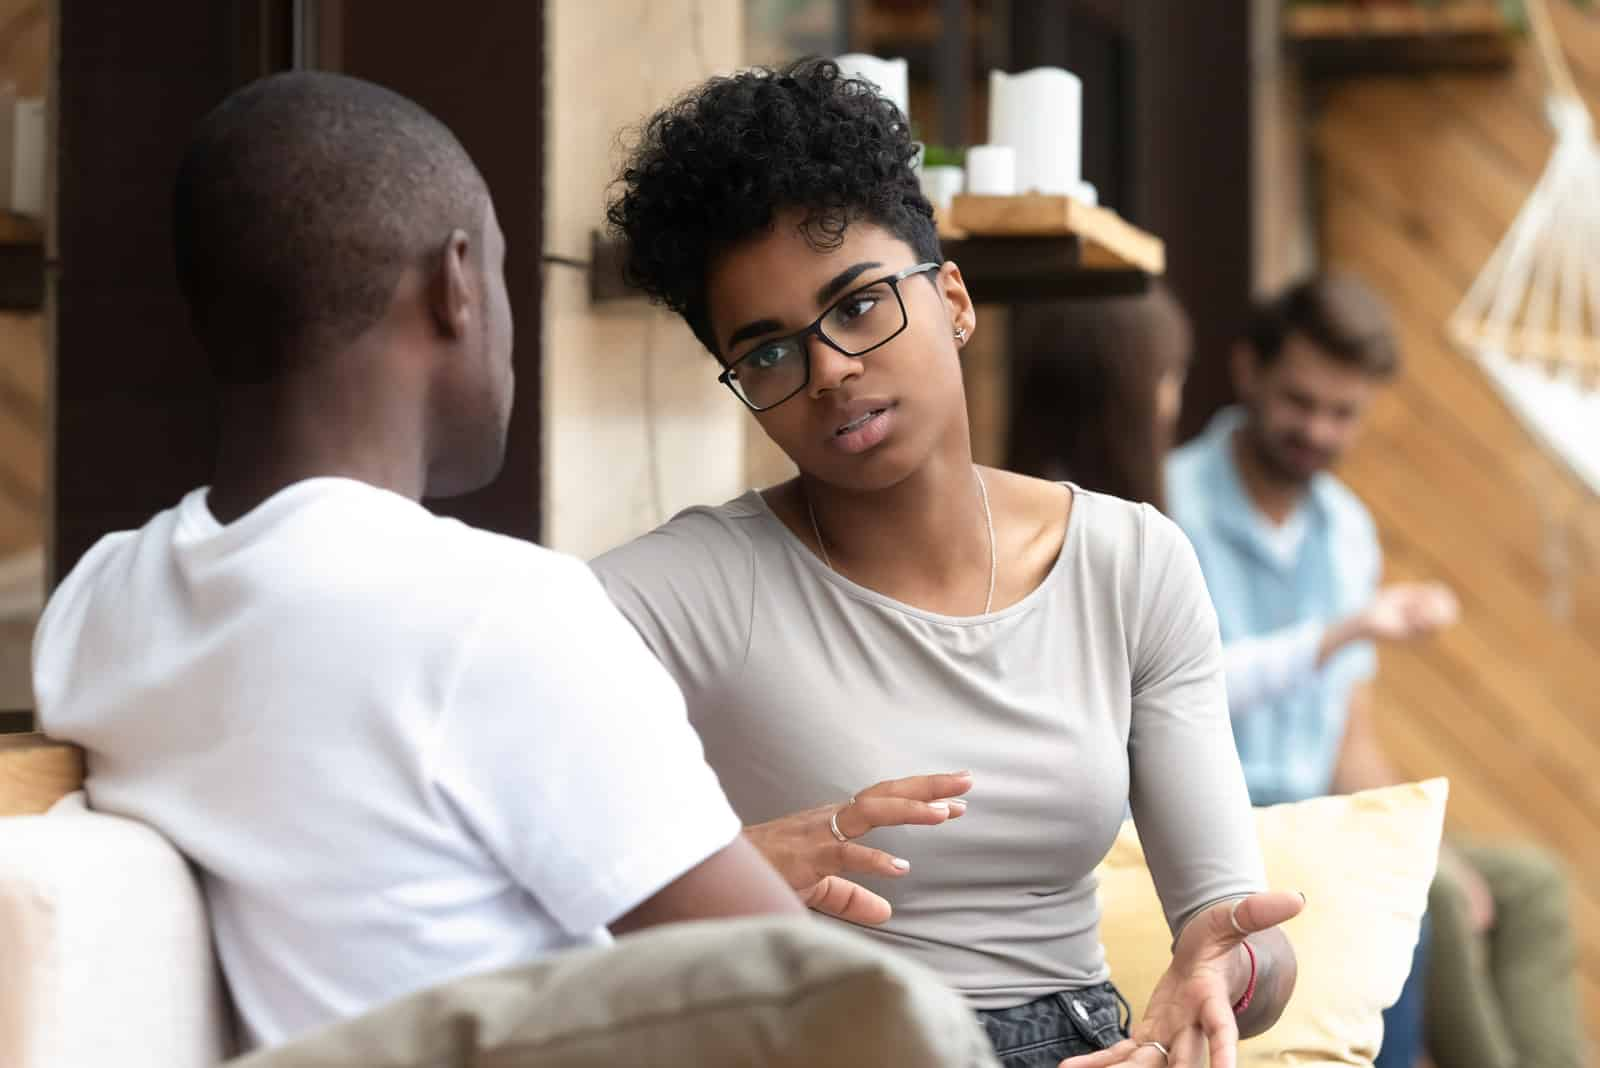 Auf der Terrasse des Cafés redet das Paar ernst